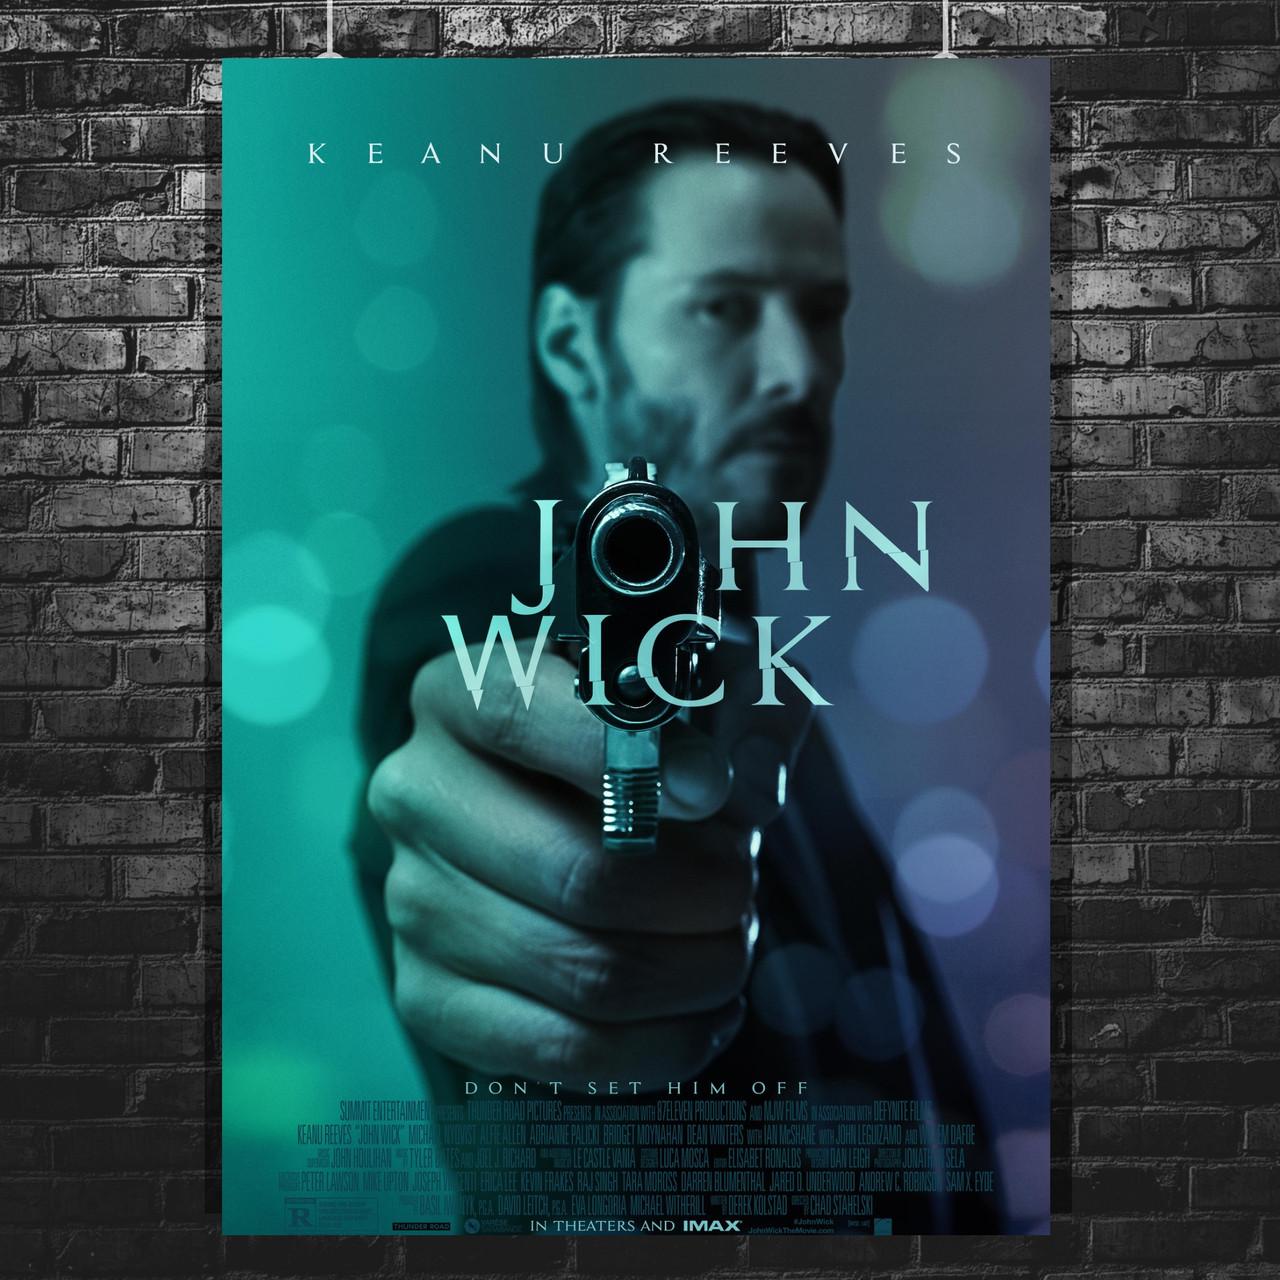 Постер John Wick, Джон Уик, Киану Ривз, пистолет крупным планом. Размер 60x43см (A2). Глянцевая бумага